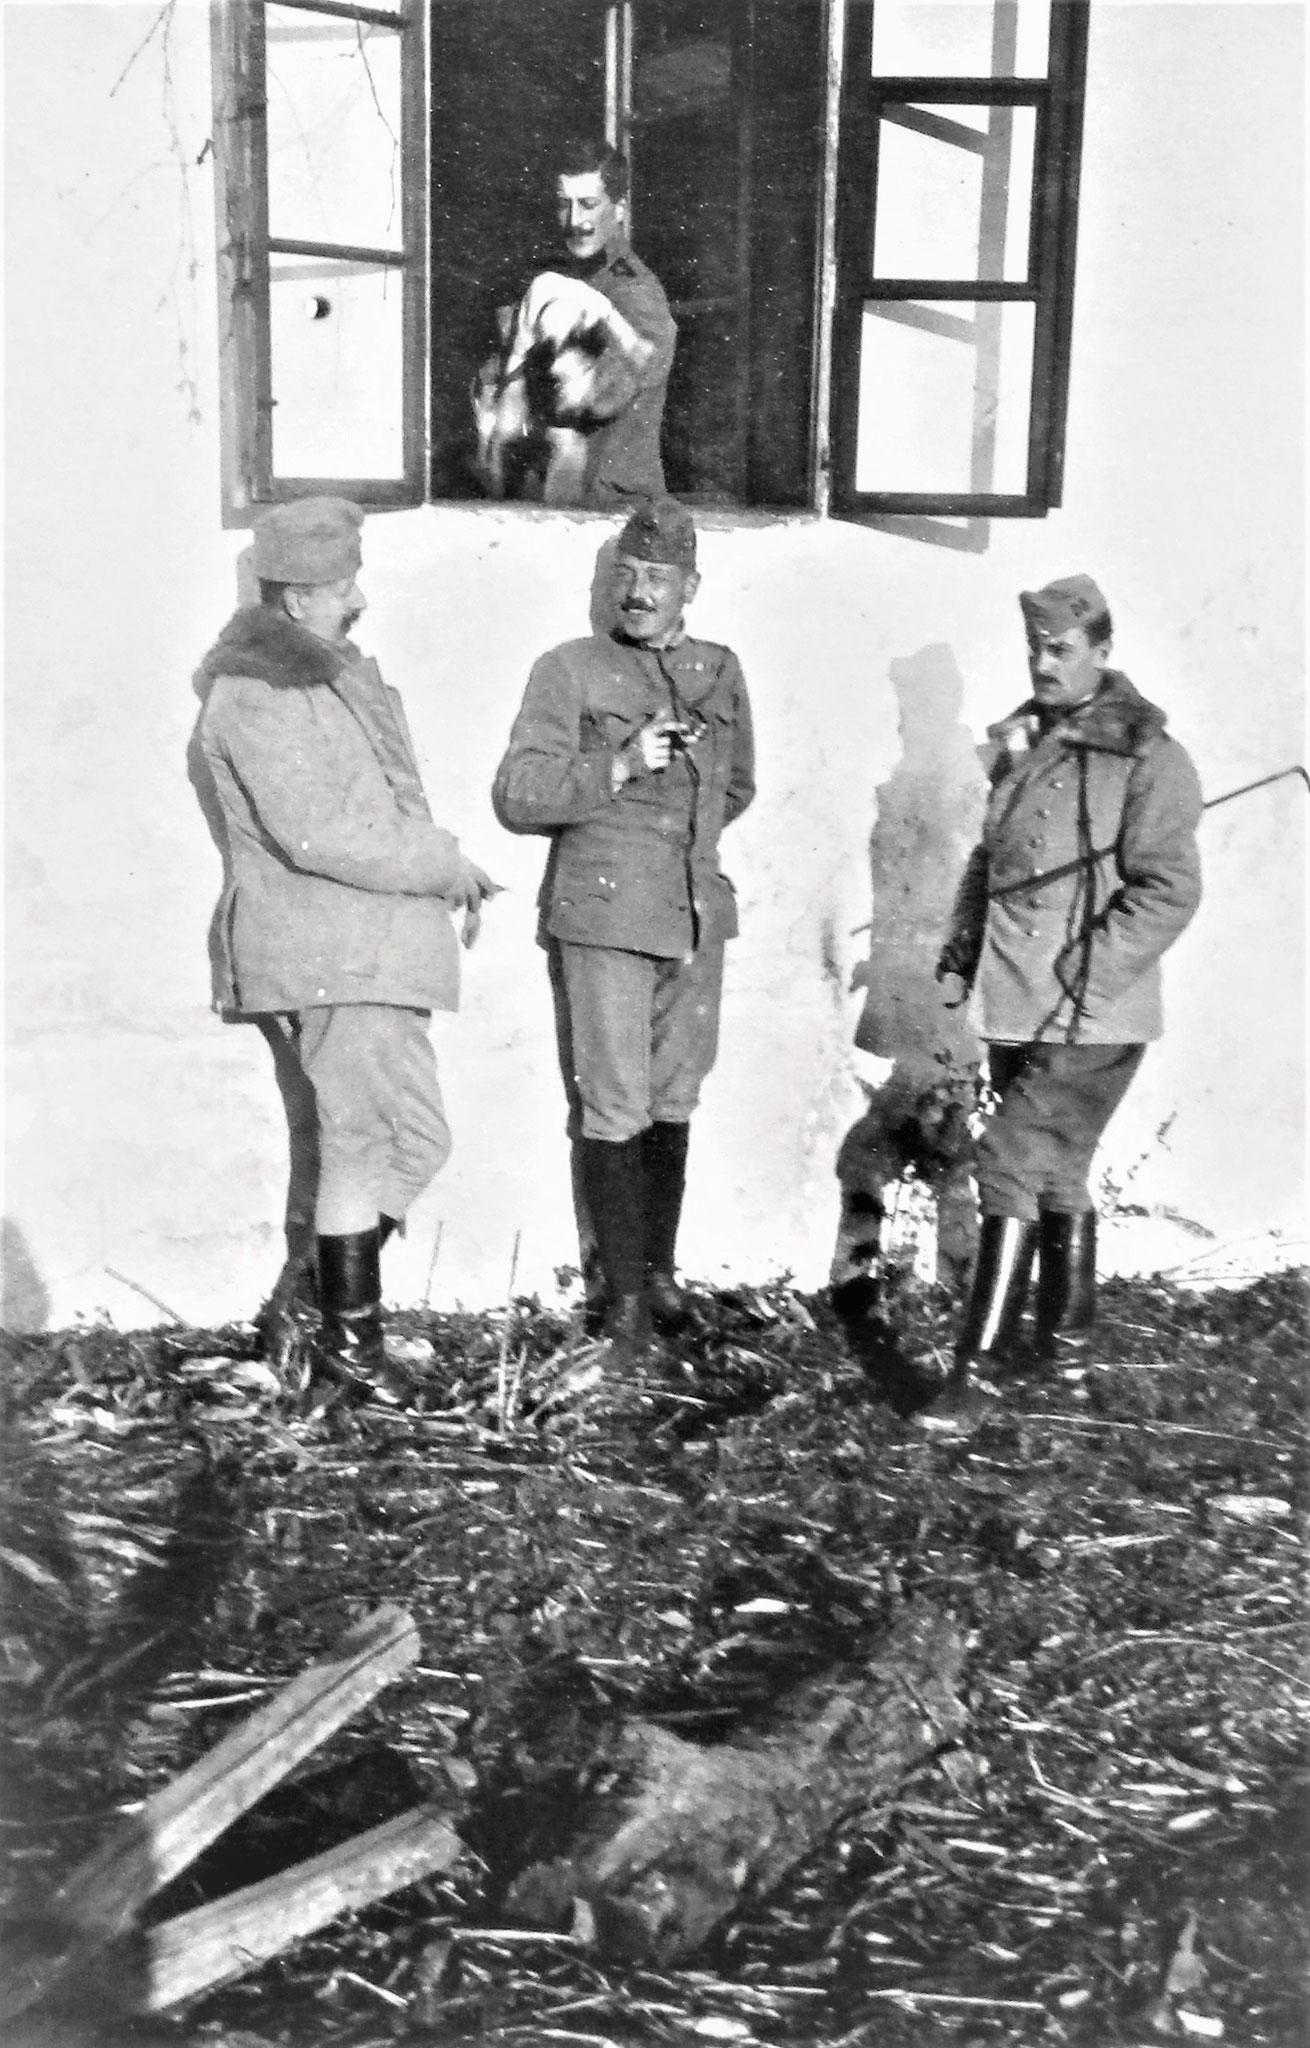 Pfersmann, ich, Hedenigg, im Fenster der Offzdiener Zenones mit dem Foxl Niki.